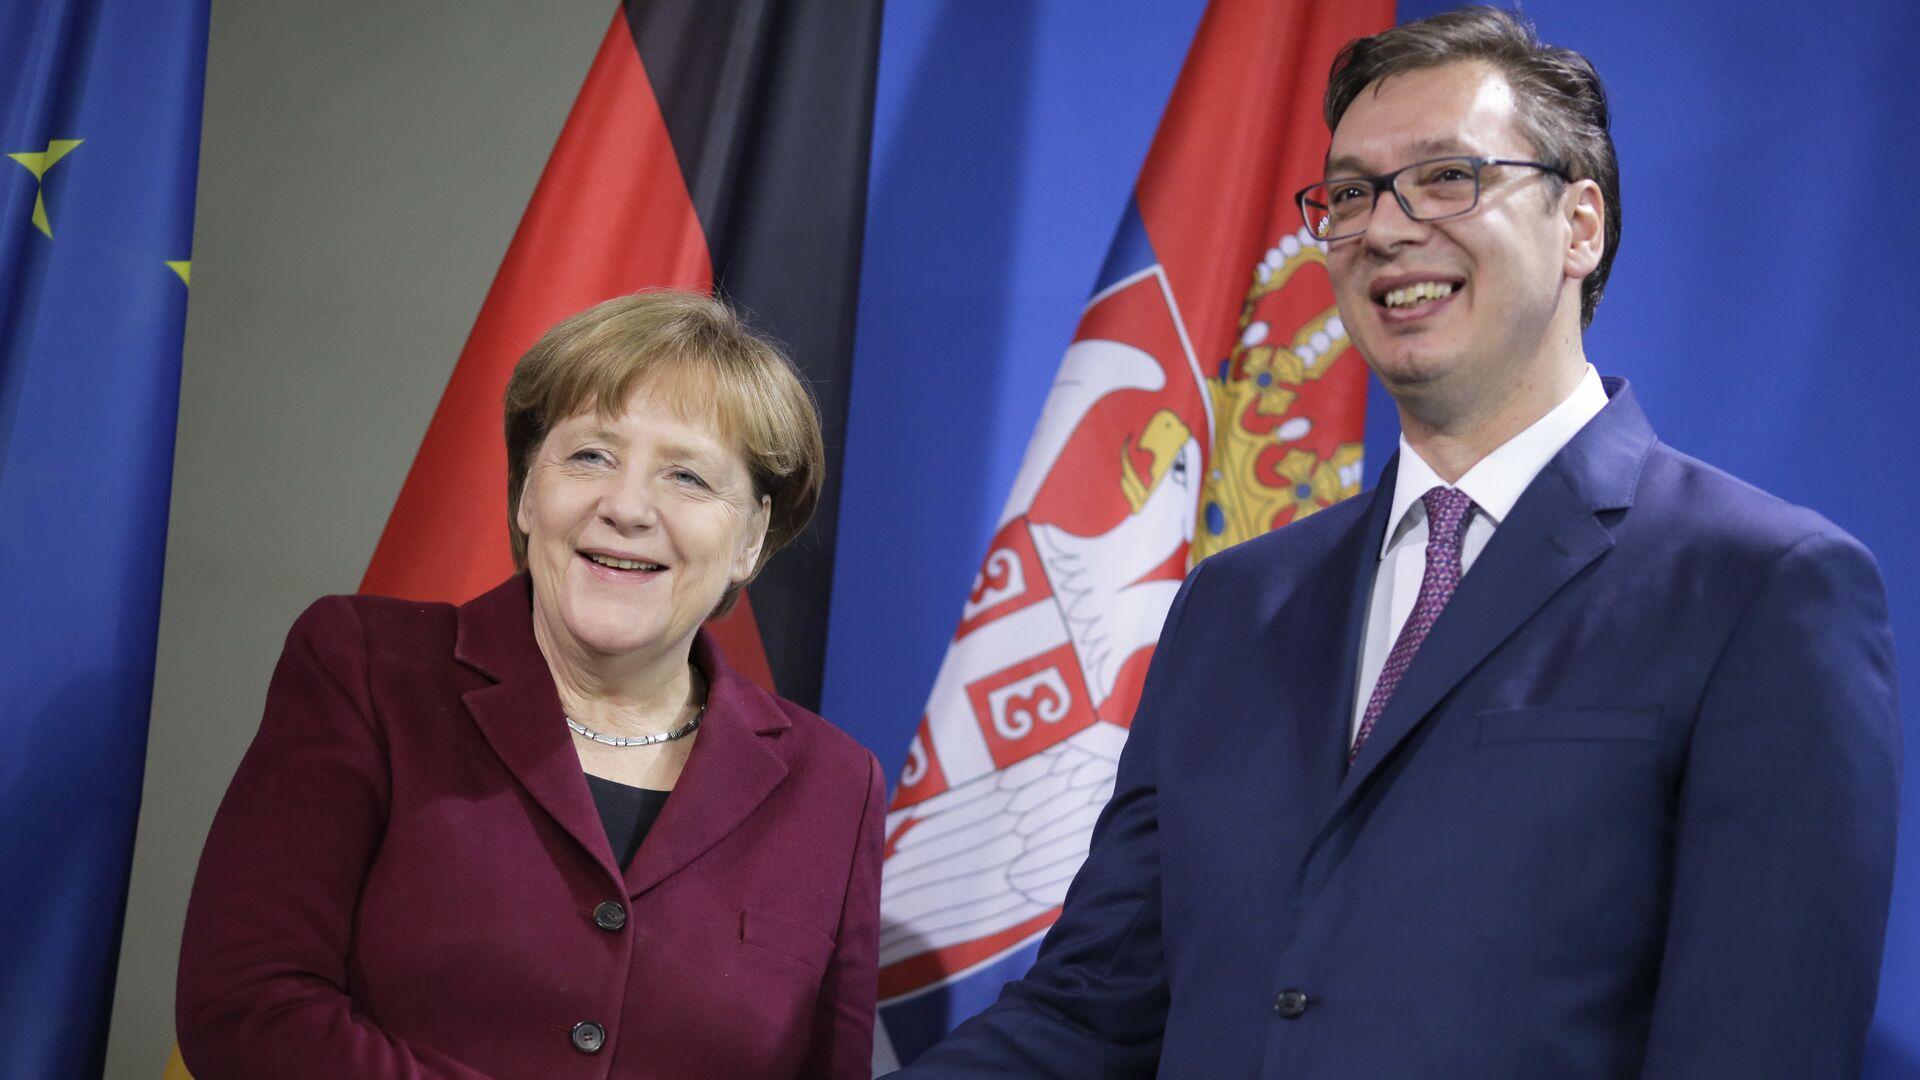 Premijer Srbije Aleksandar Vučić sa nemačkom kancelarkom Angelom Merkel tokom susreta u Beogradu - Sputnik Srbija, 1920, 31.08.2021